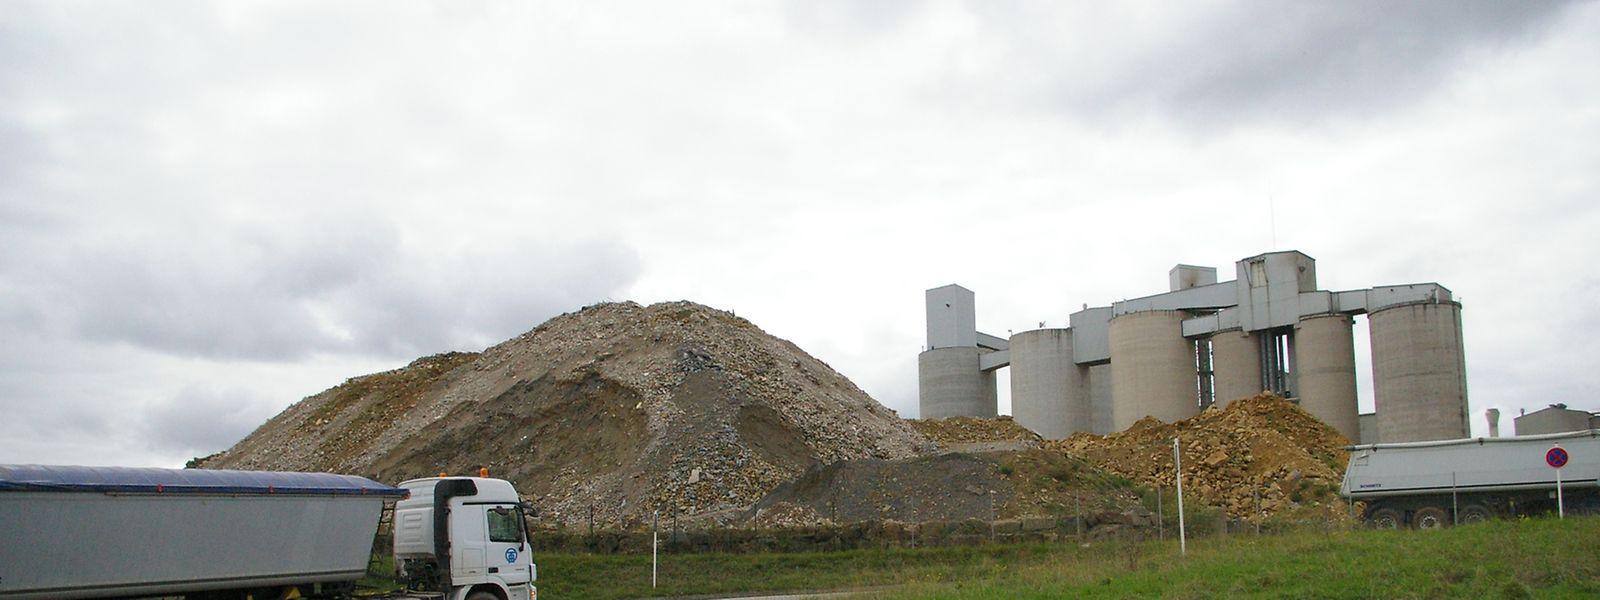 Die Betriebe, die in der Industriezone illegal Bauschutt deponierten, mussten sich den geltenden Auflagen anpassen.